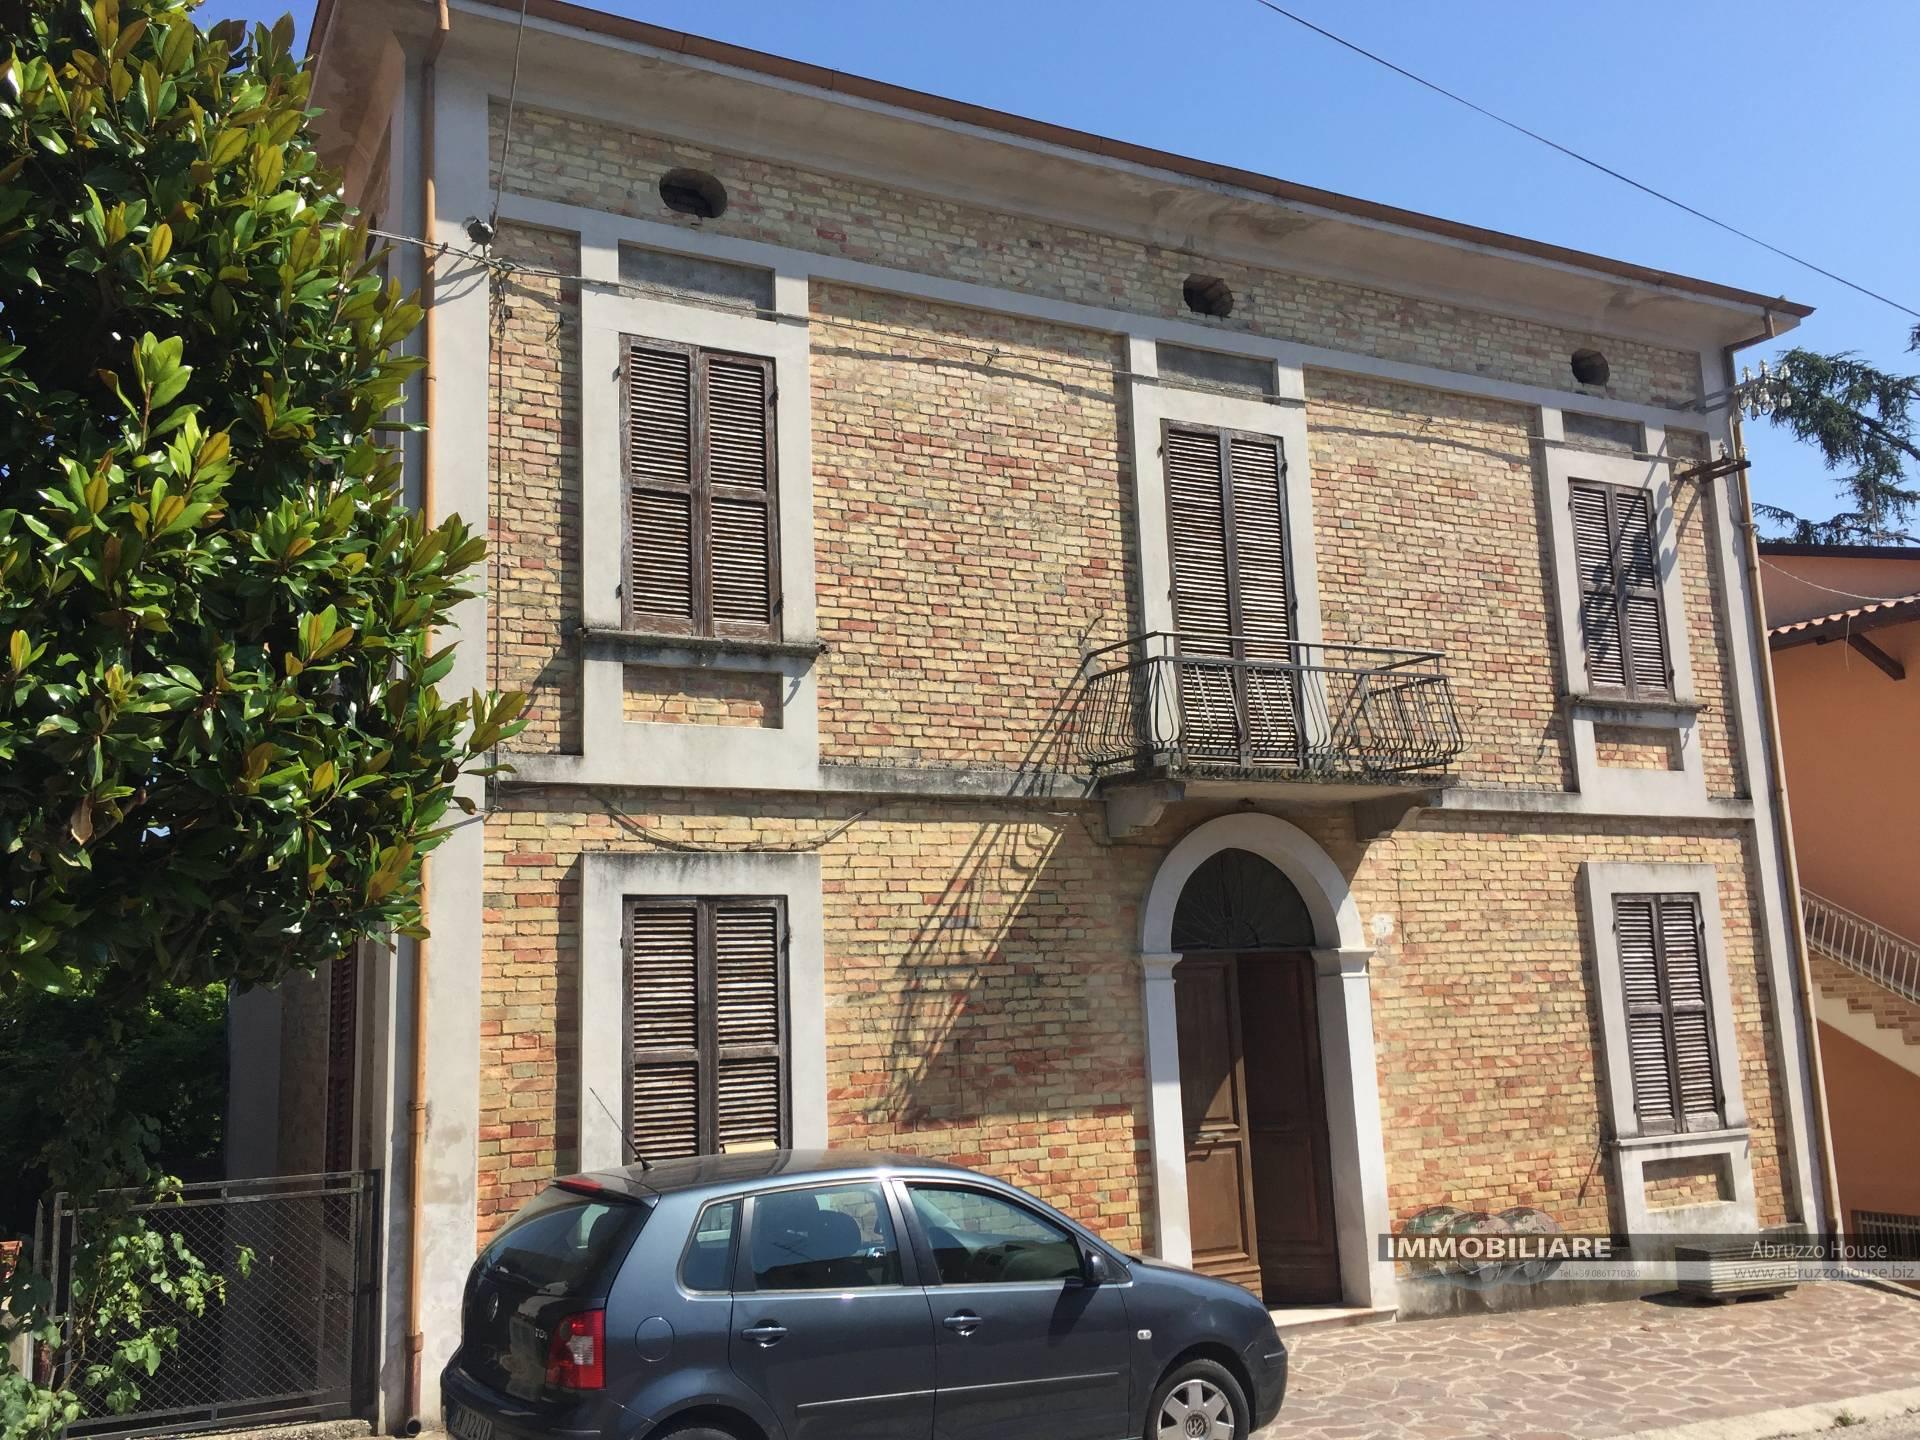 Soluzione Indipendente in vendita a Controguerra, 10 locali, prezzo € 340.000 | CambioCasa.it